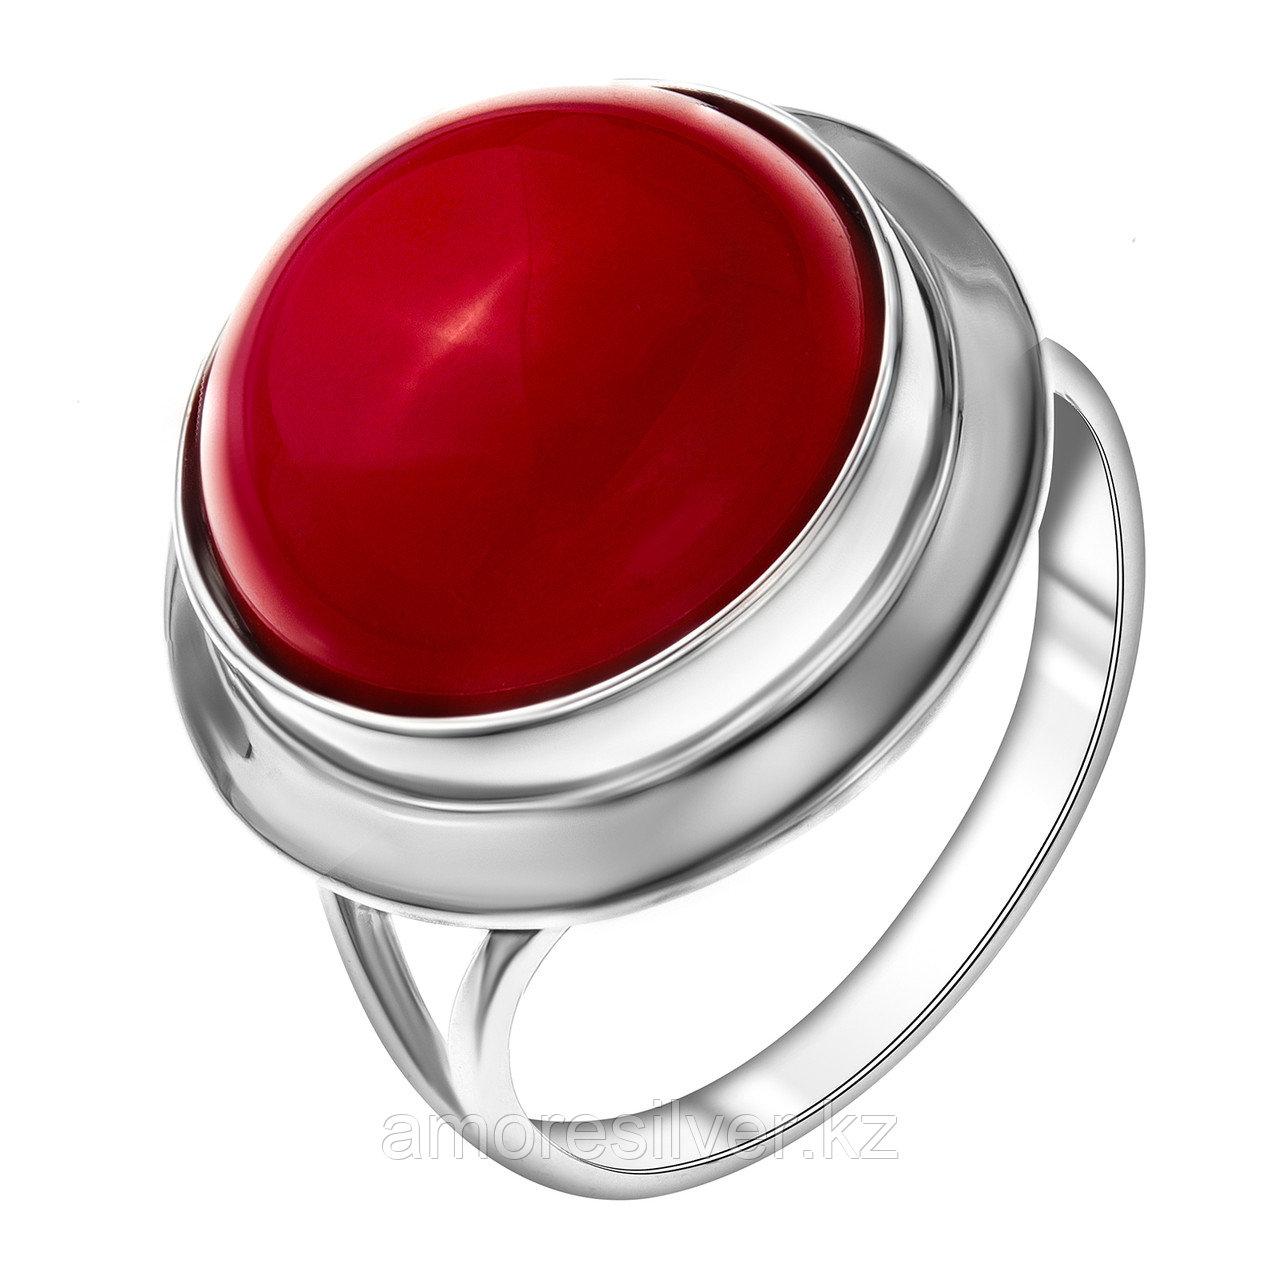 Серебряное кольцо с кораллом  Приволжский Ювелир 231240-CRL